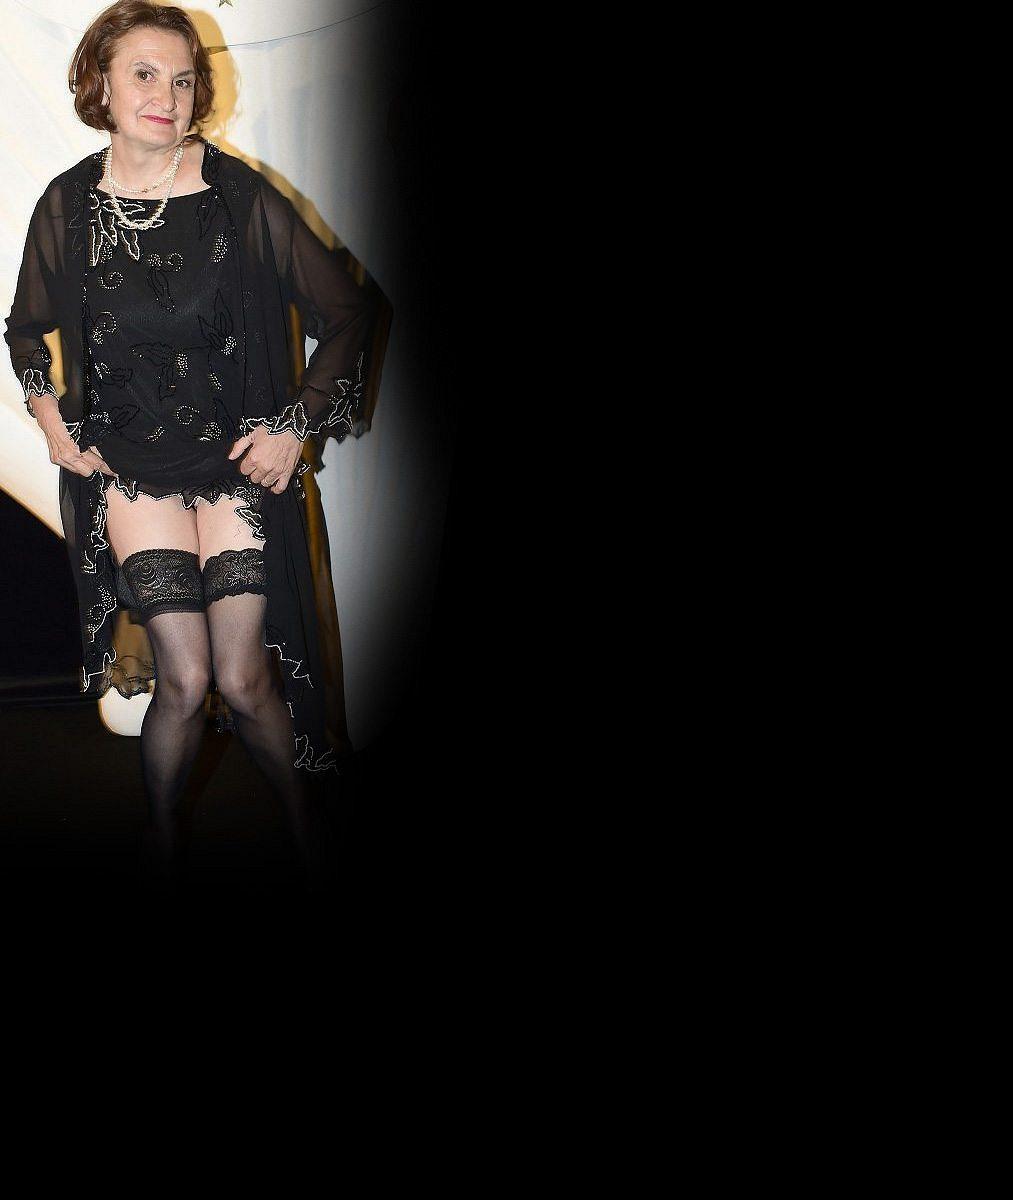 No to je pohled: Eva Holubová v nové divadlení hře vystupuje v podprsence navlečené přes šaty